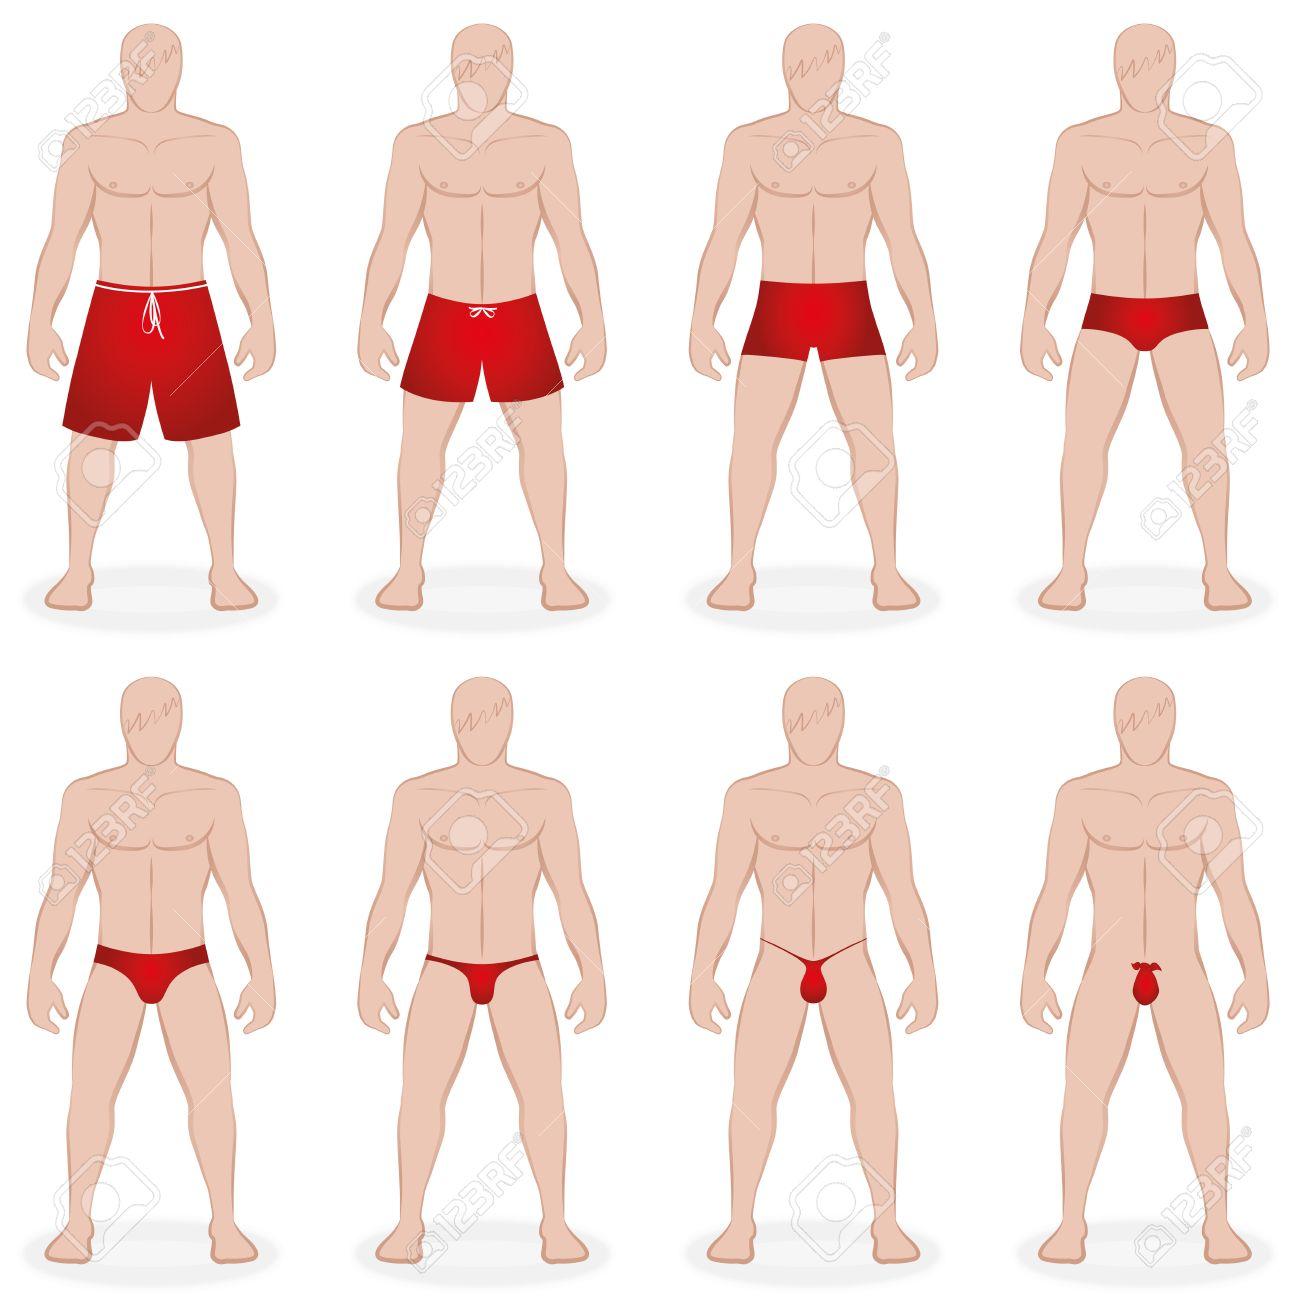 f8ed24c27539 Para hombre del traje de baño - traje de baño diferentes en varios estilos,  longitudes y tamaños - bermudas, como tanga, tanga - ilustración vectorial  ...